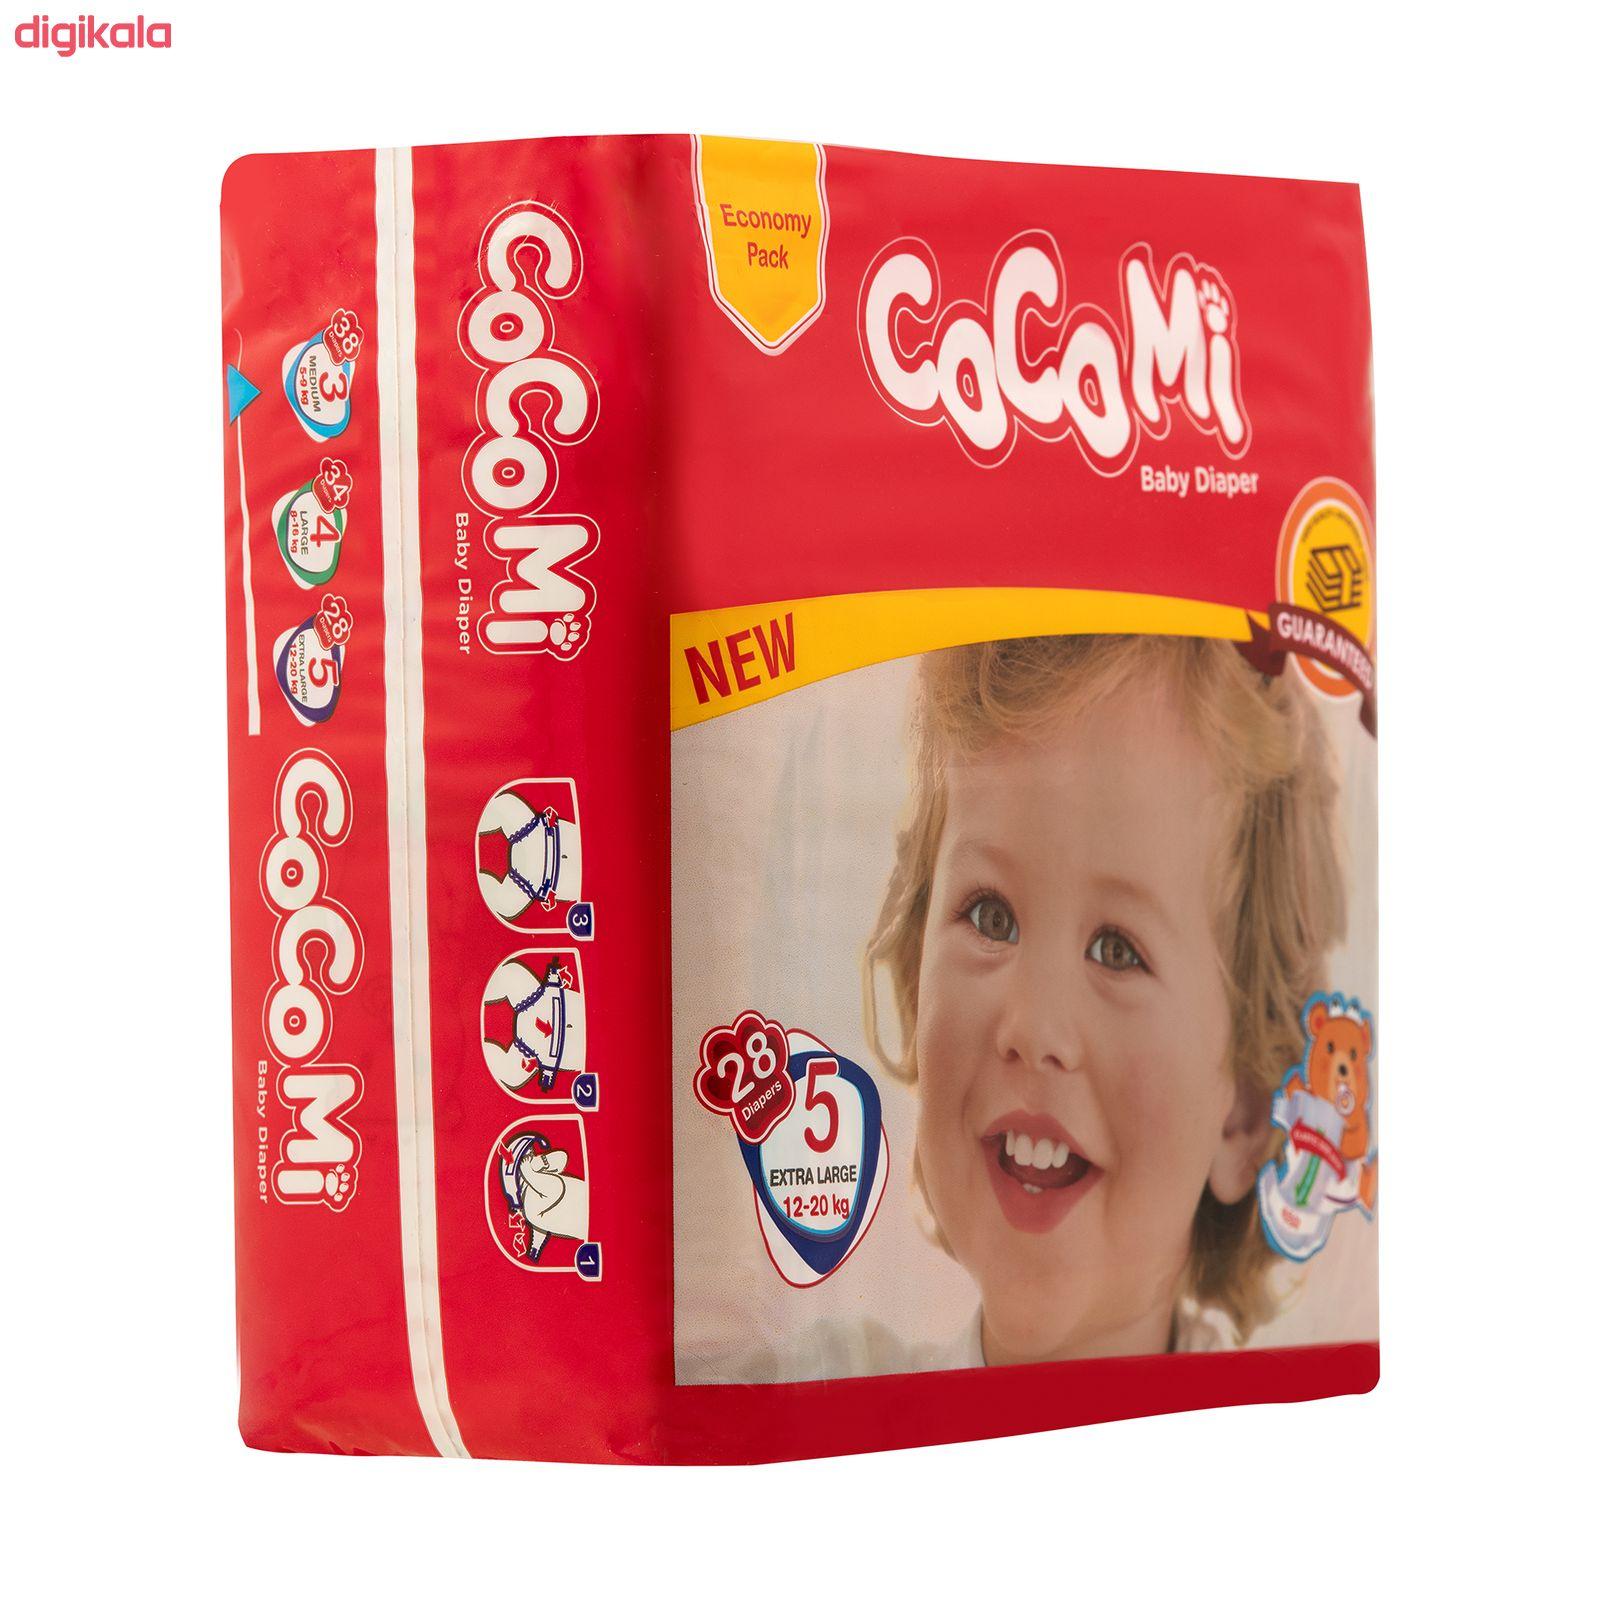 پوشک کوکومی مدل Economy Pack سایز 5 بسته 28 عددی main 1 5